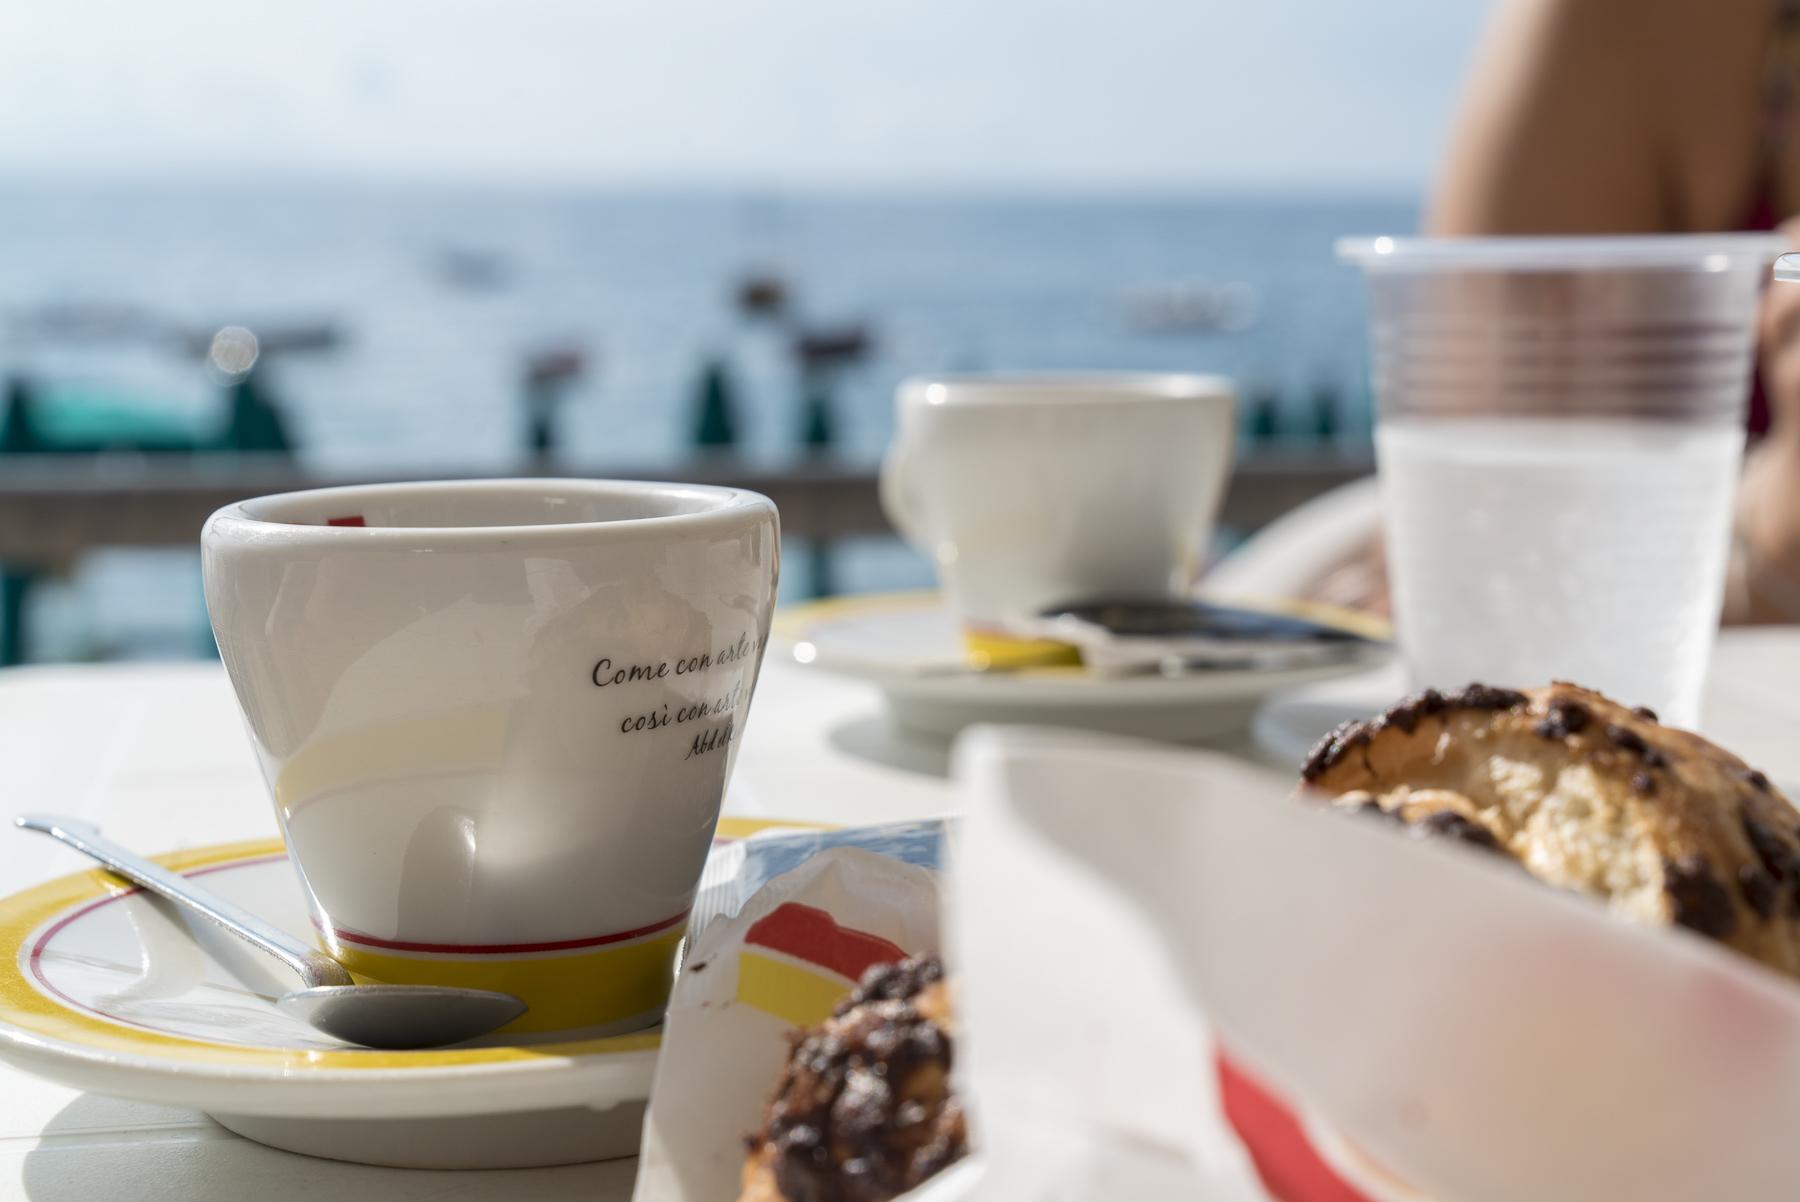 Ein Espresso und eine cornetto am Strand in Italien mit blauem Meer im Hintergrund